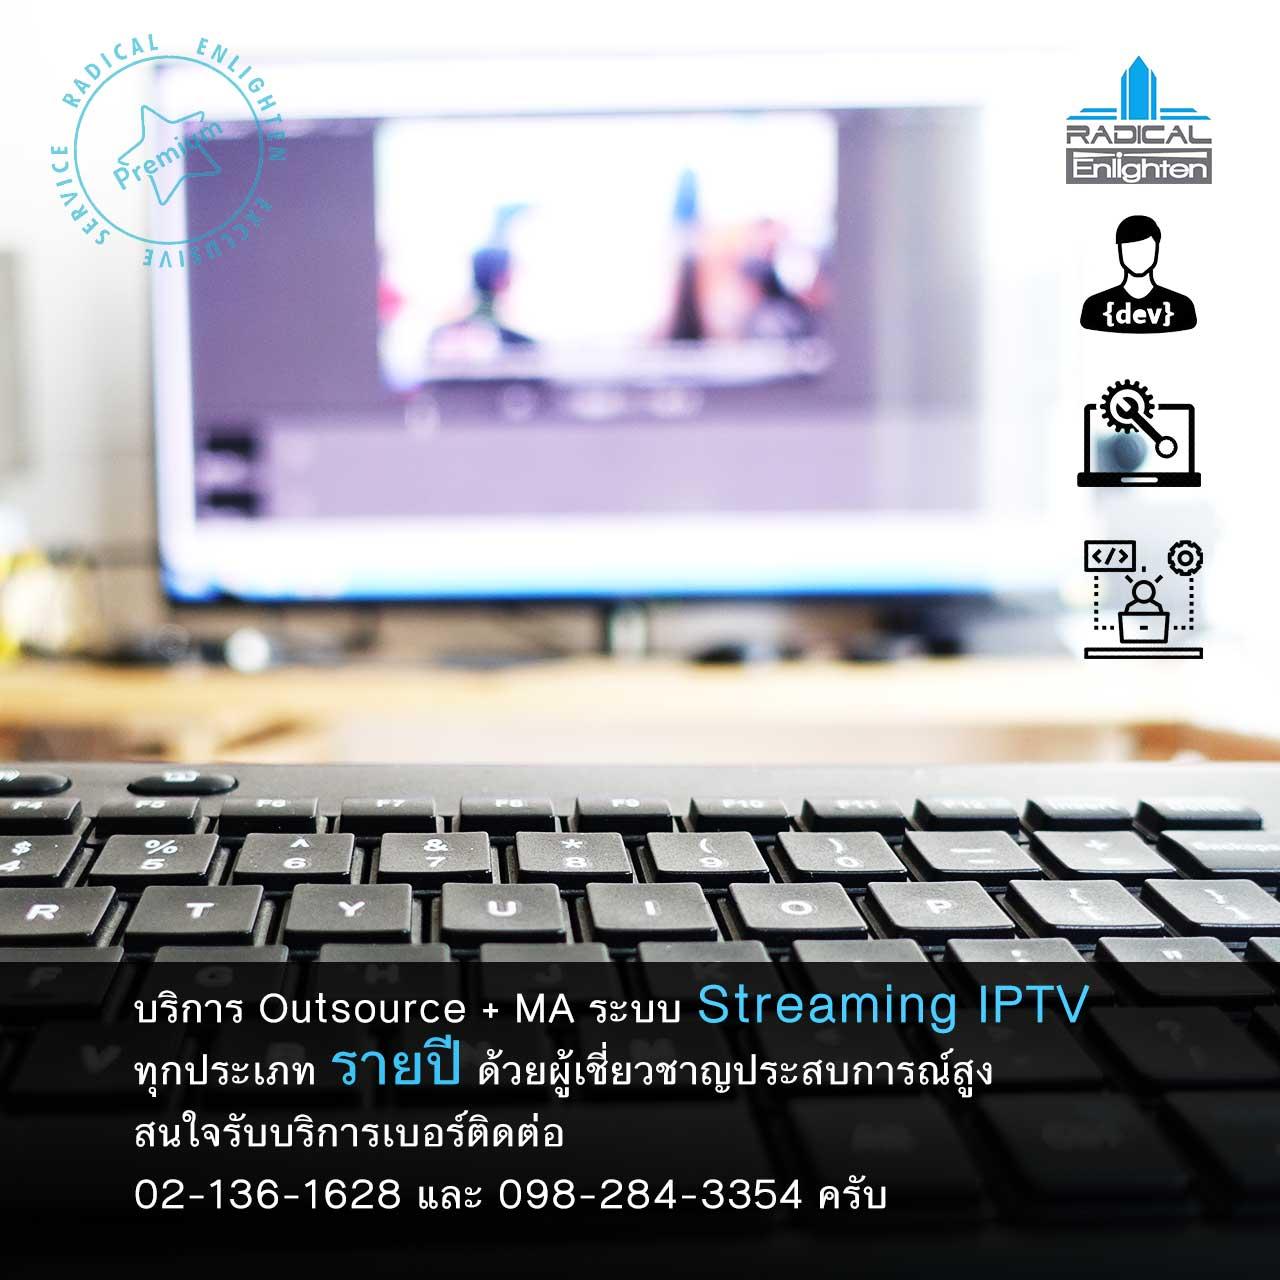 บริการ Outsource ระบบ Video Streaming, พร้อมดูแลรักษาให้ทำงานได้ตลอด 24 ชม